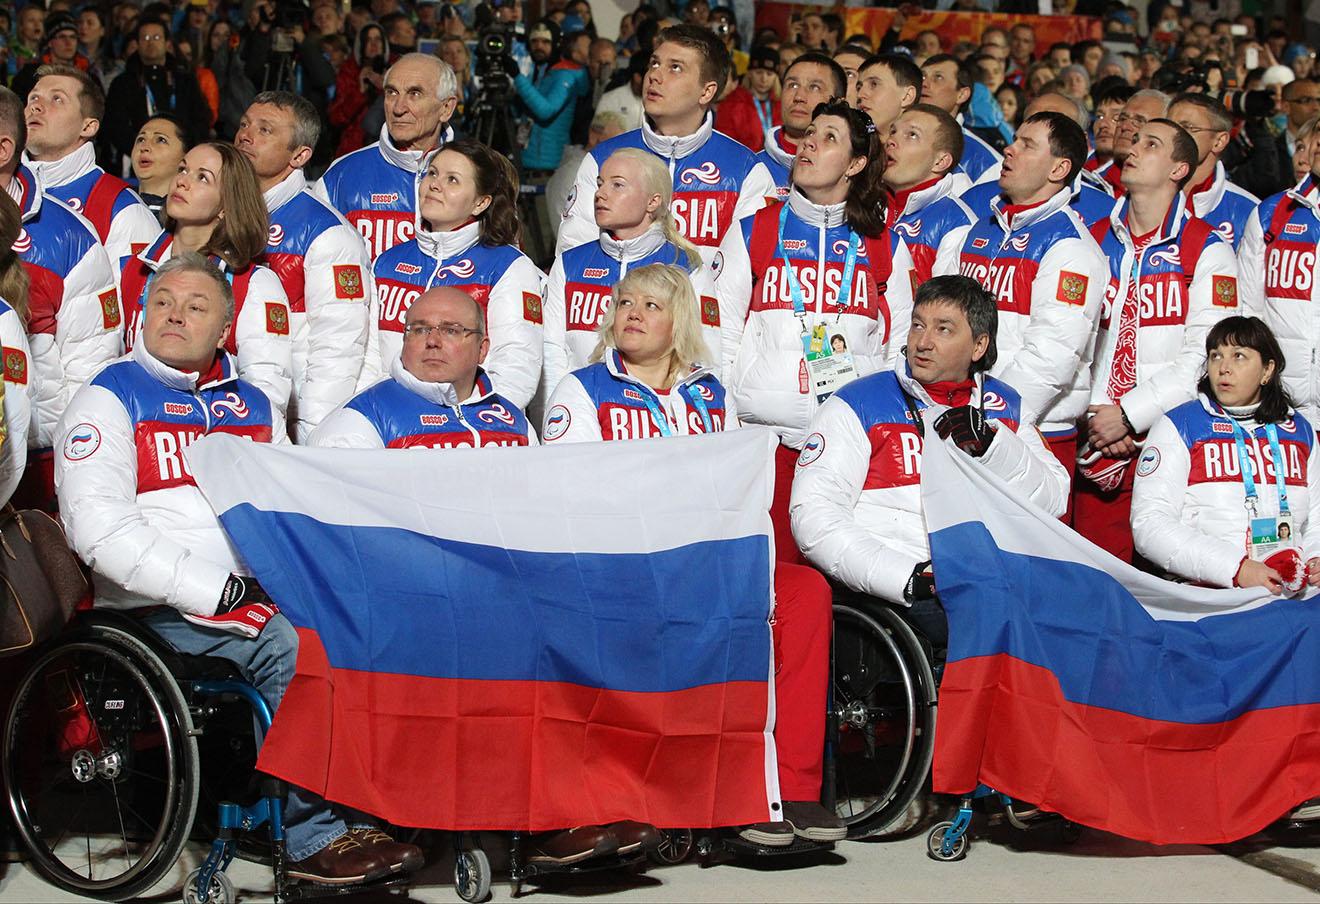 Во время церемония поднятия флага паралимпийской Сборной России в Сочи, 2014 год. Фото: Юрий Самолыго / ТАСС